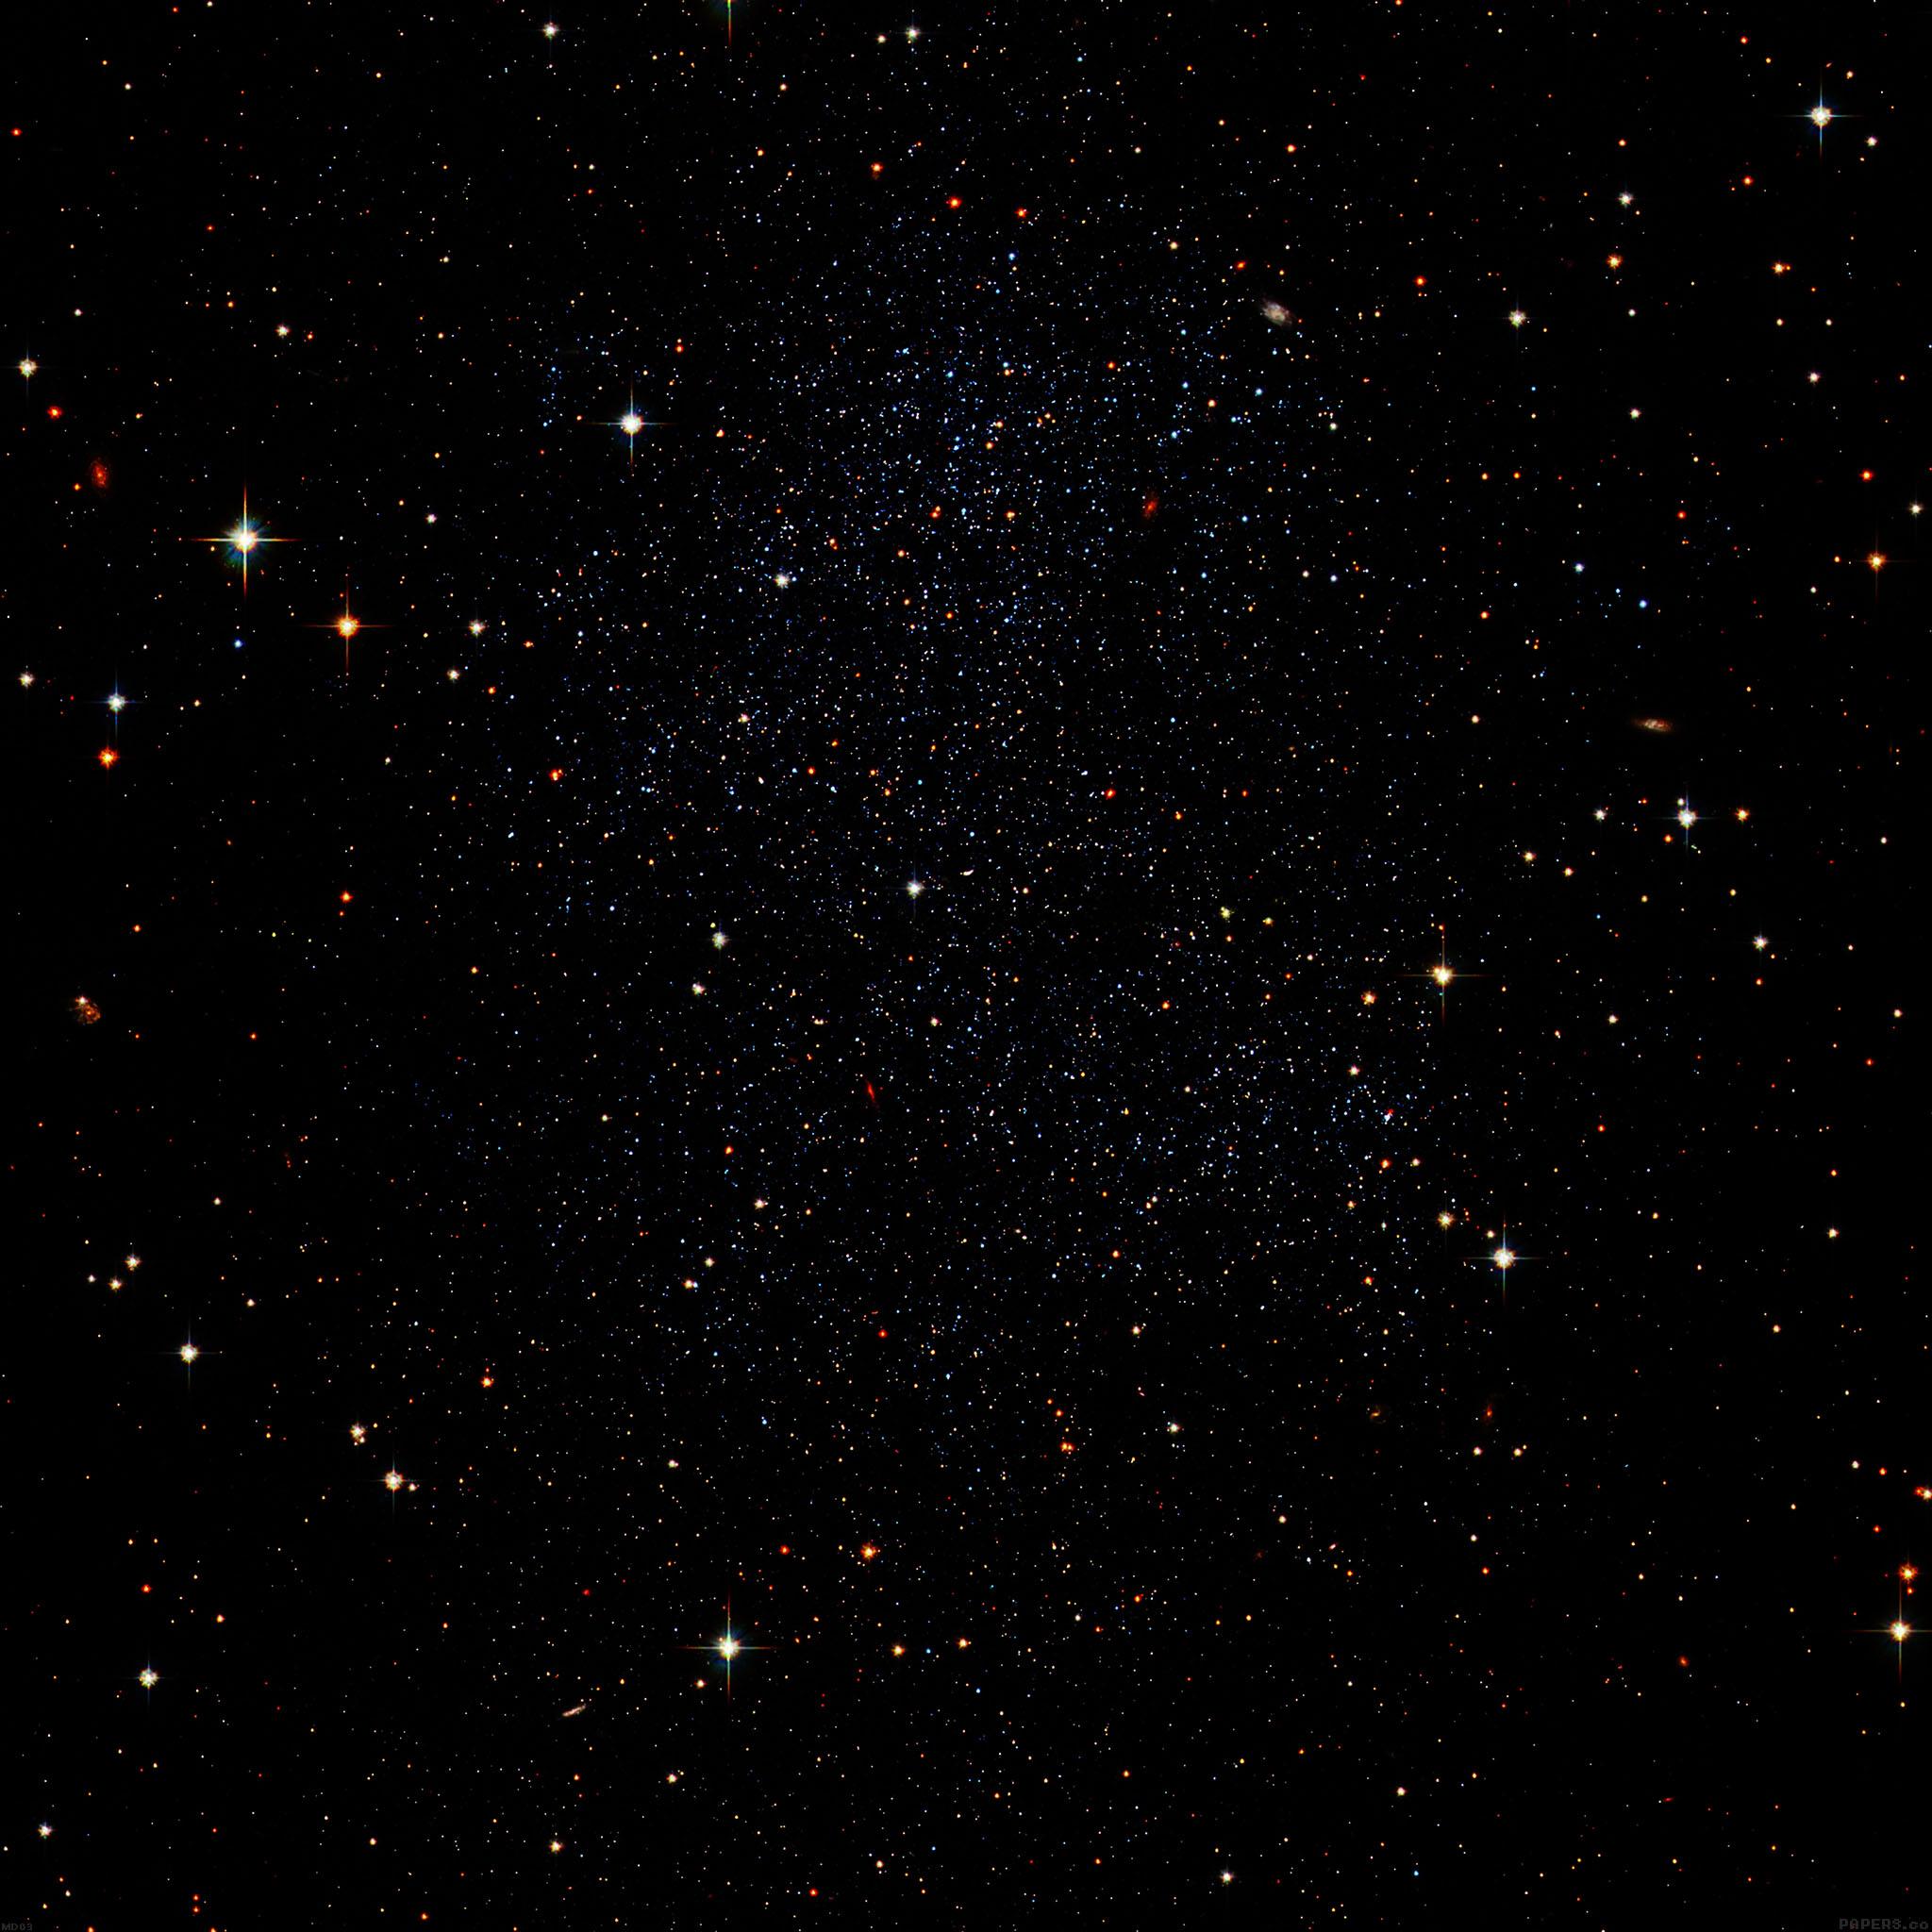 md03wallpapernightspacenightsagittariusstars papersco